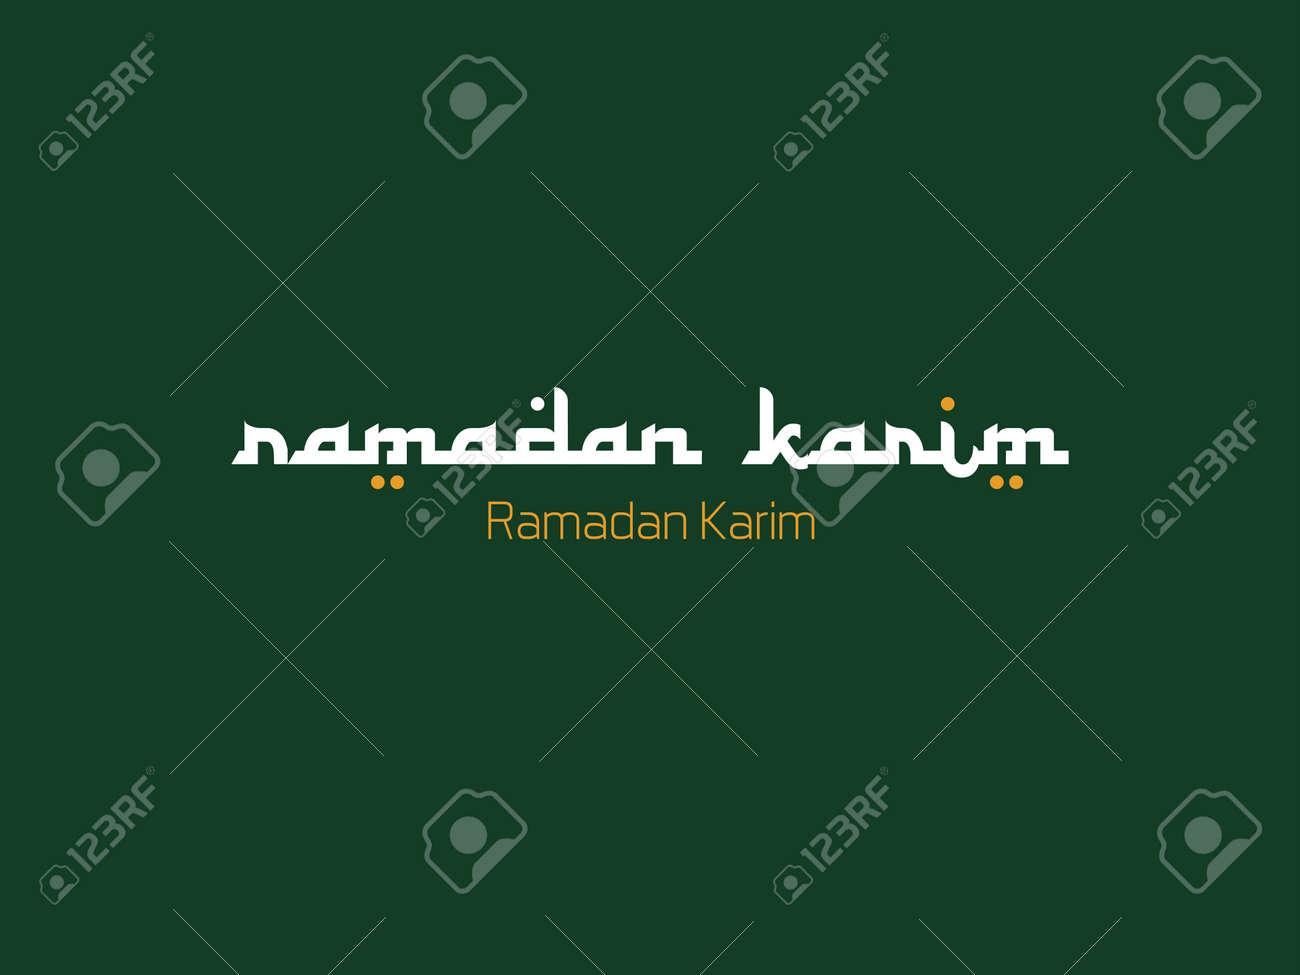 Ramadan Mubarak Ramadan Kareem Islamic Holly Month Greeting